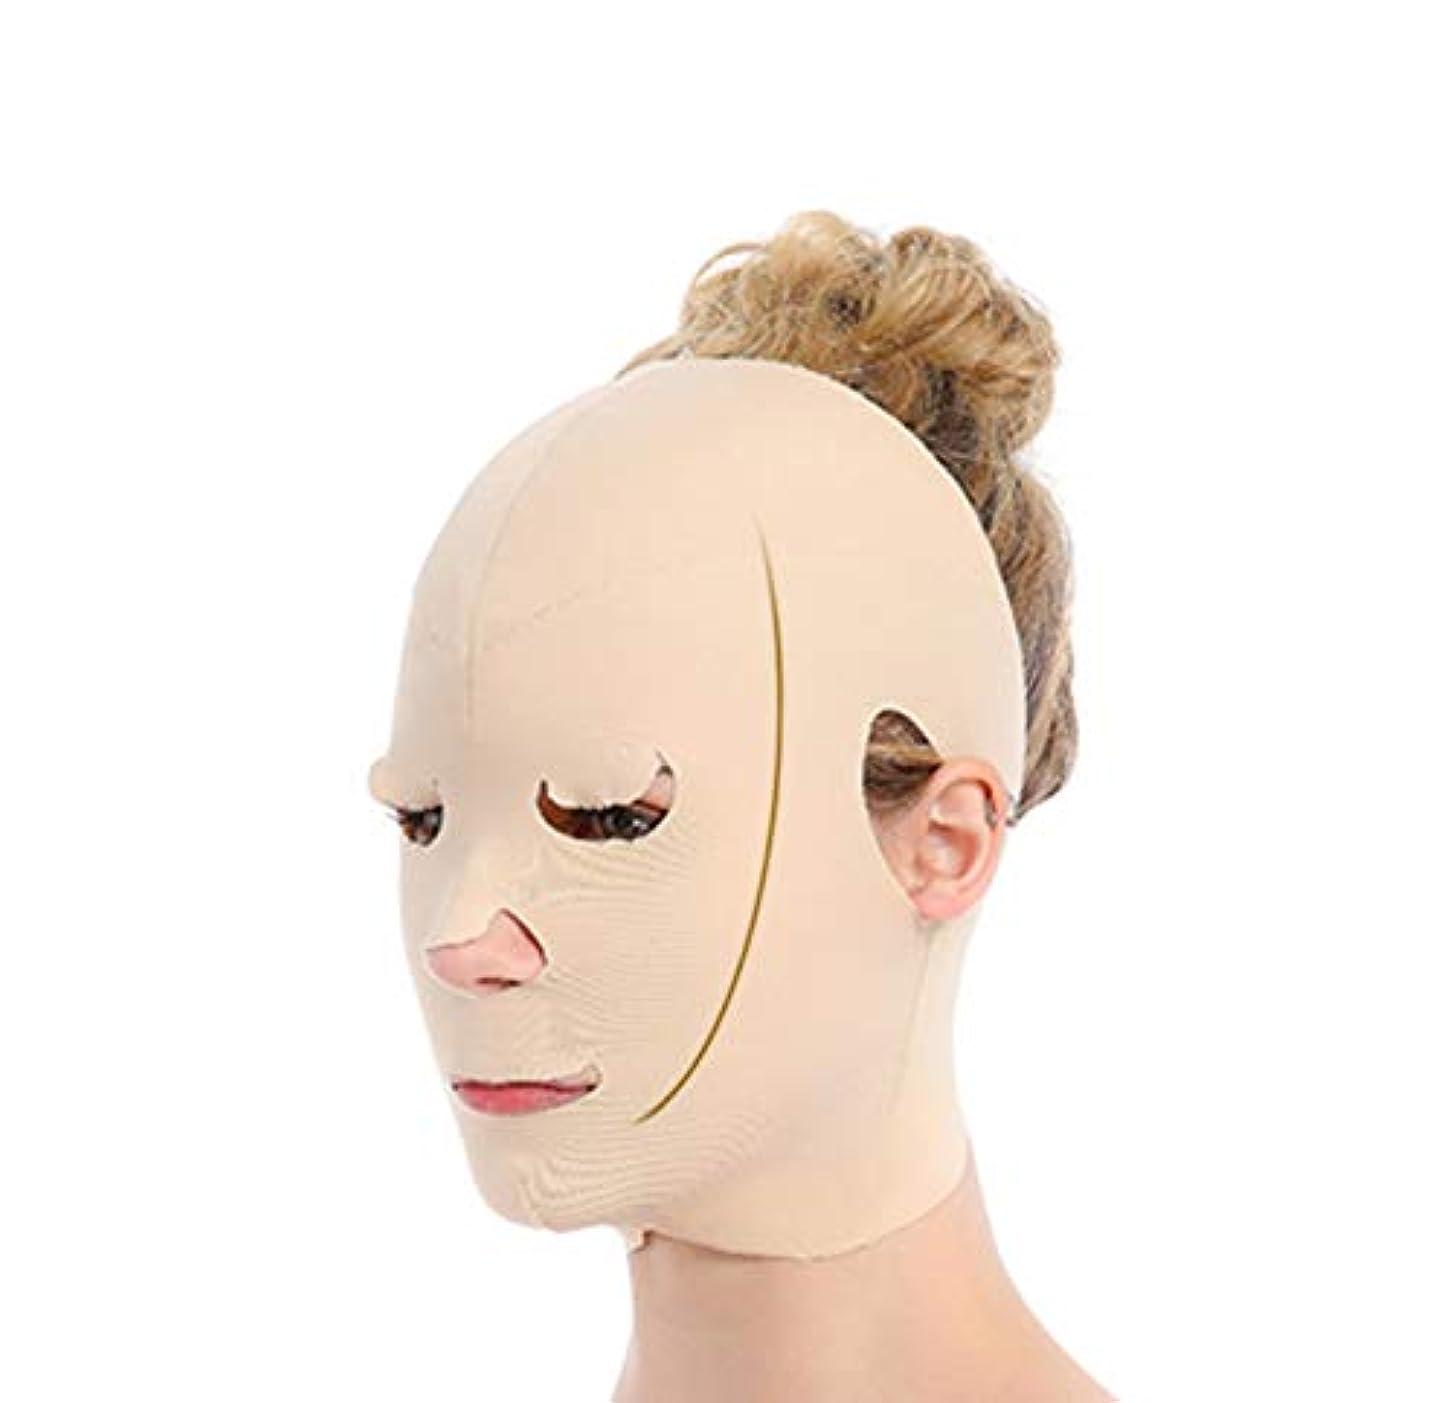 雪取り戻す不当小さな顔ツールv顔包帯薄い顔美容マスク怠惰な睡眠マスク男性と女性v顔包帯整形リフティング引き締め顔薄い二重あご